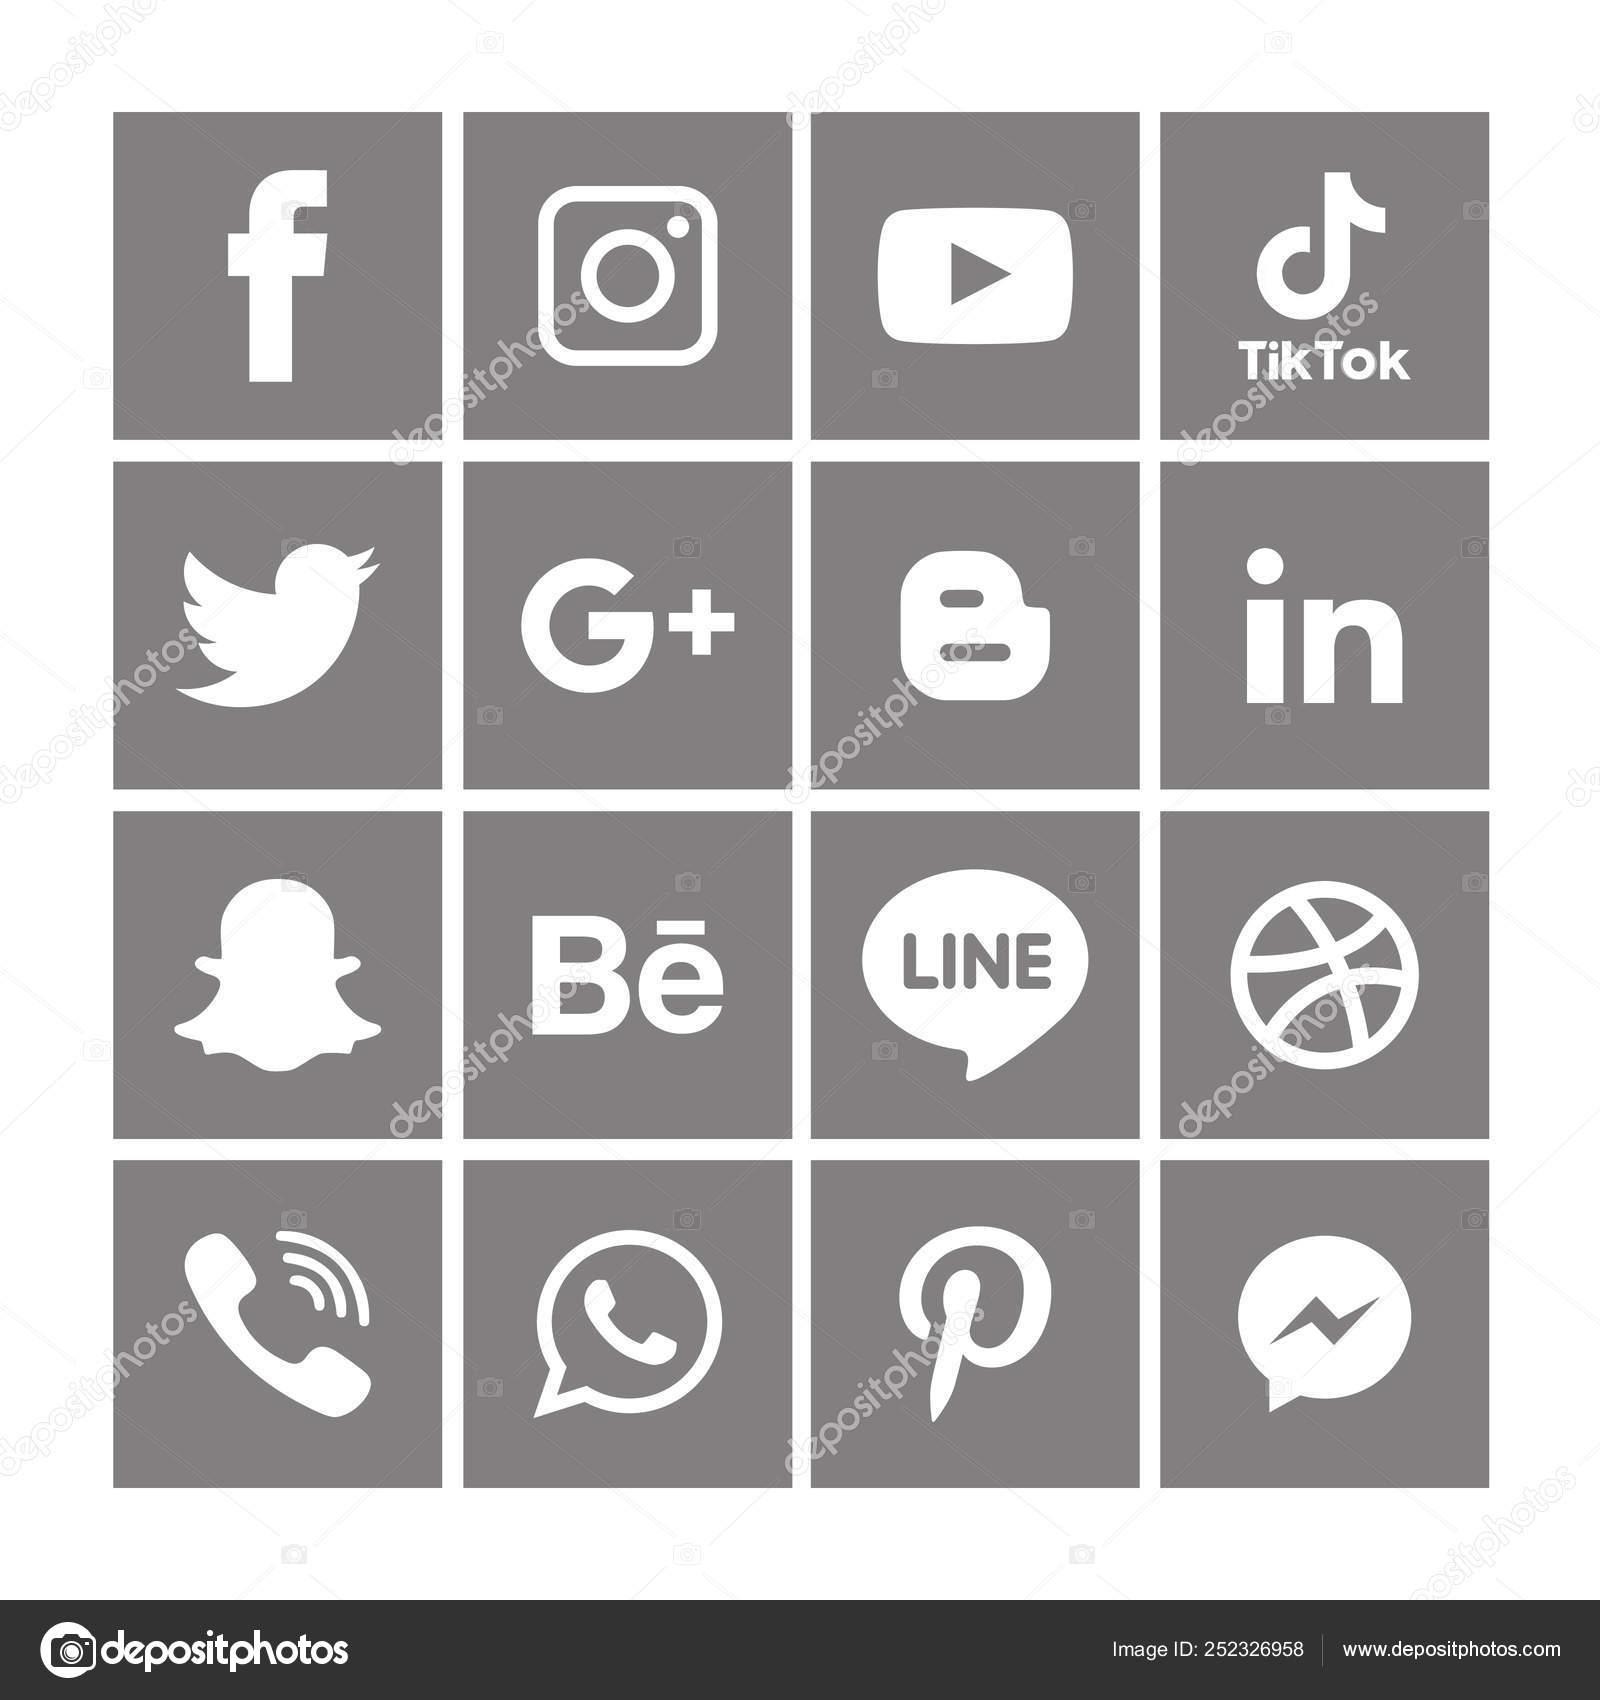 Black White Social Media Icons Set Logo Vector Illustrator Background Stock Vector C Designmaster81 252326958